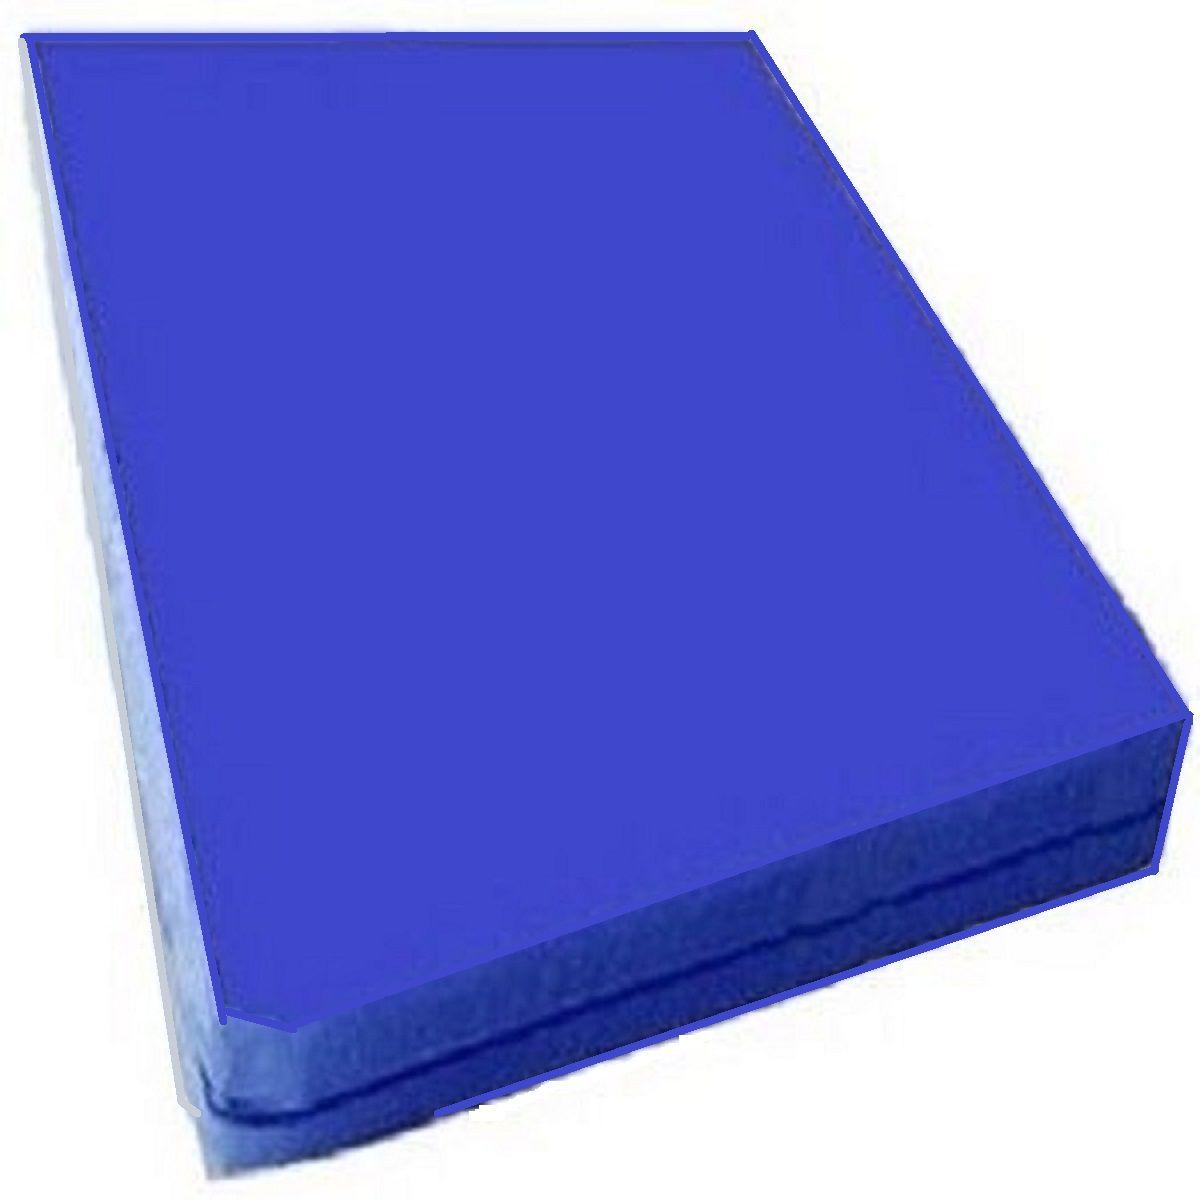 Capa Para Colchão Solteiro  Azul Royal tipo Hospitalar Impermeável Com Ziper